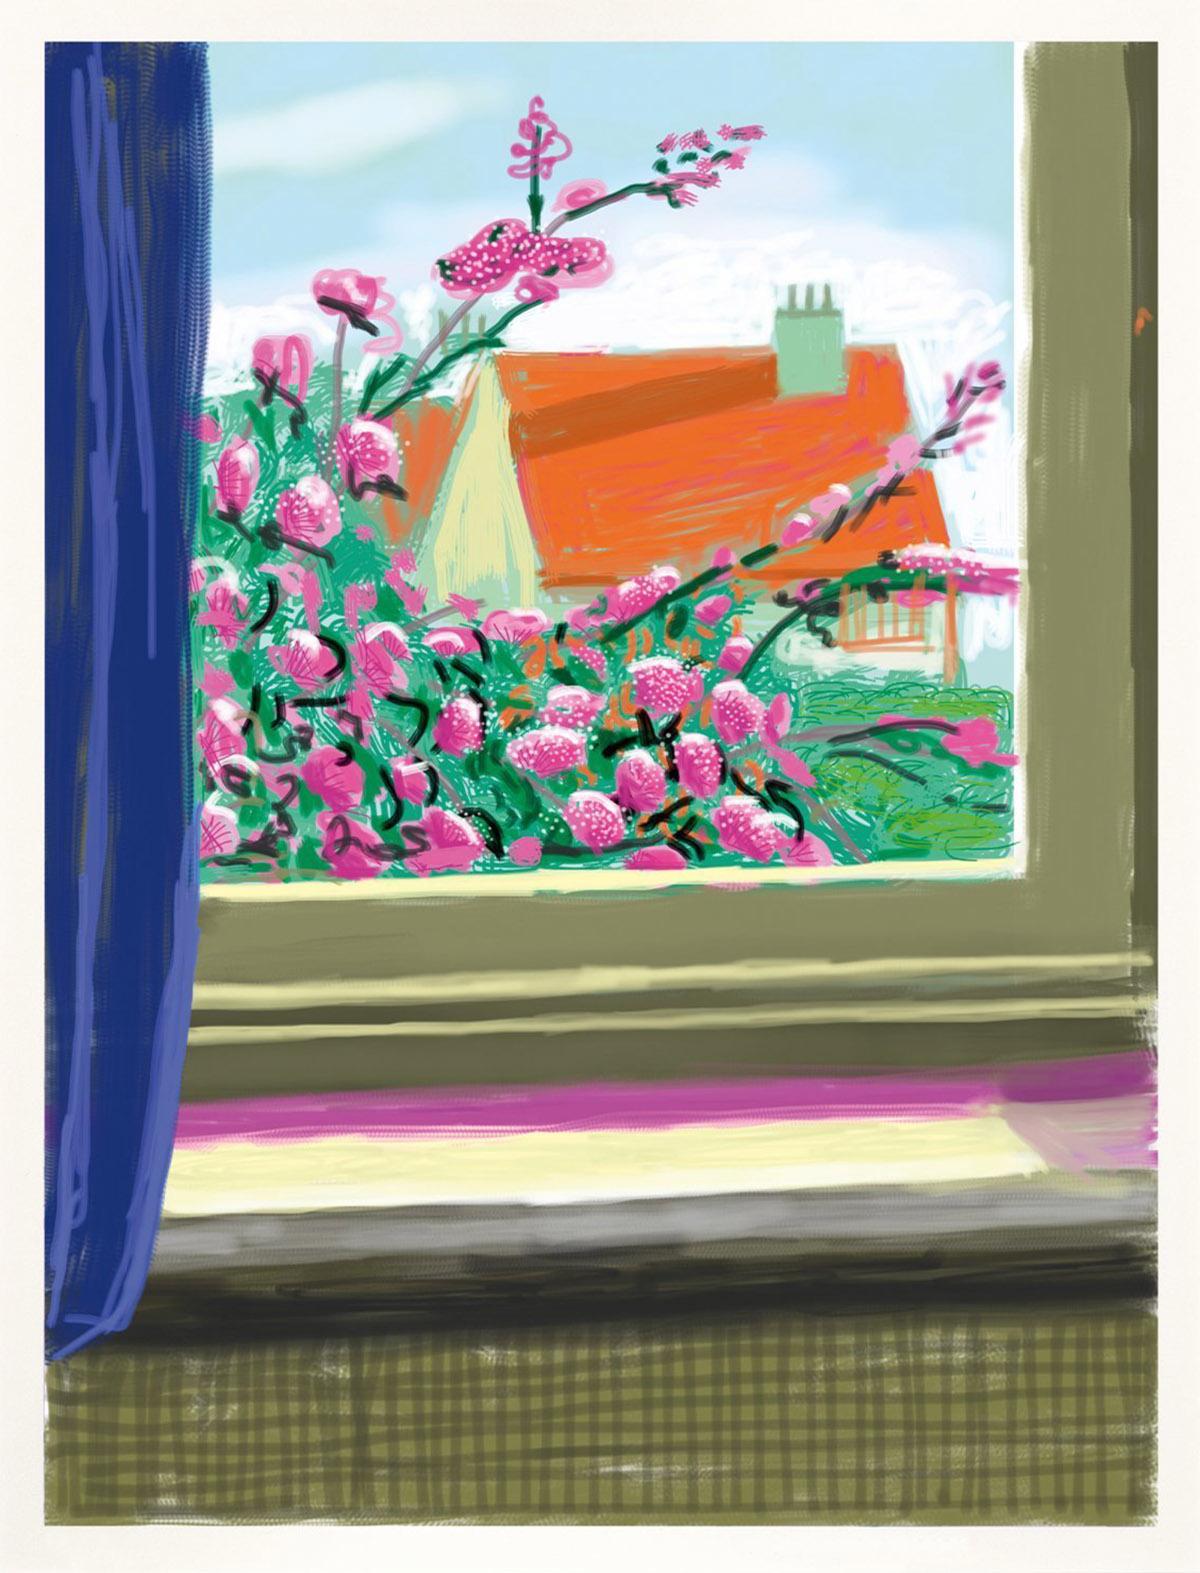 DAVID-HOCKNEY-Spring-(No-778-17th-April-2011-2019)